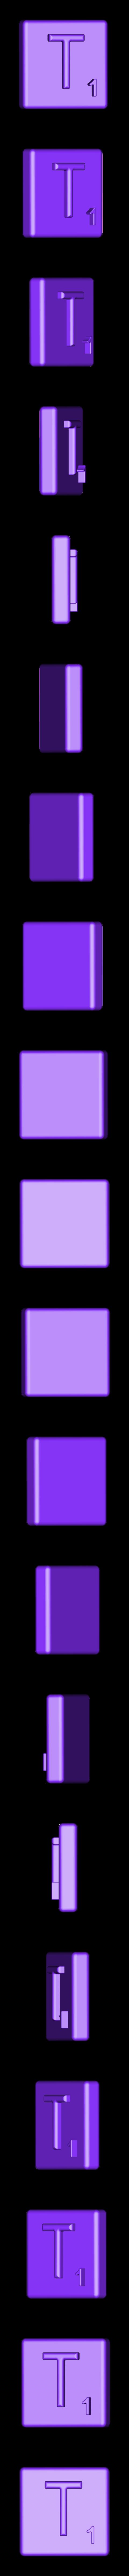 Single_Extruded_T.STL Télécharger fichier STL gratuit Pièces et support SCRABBBLE • Design pour imprimante 3D, Balkhagal4D